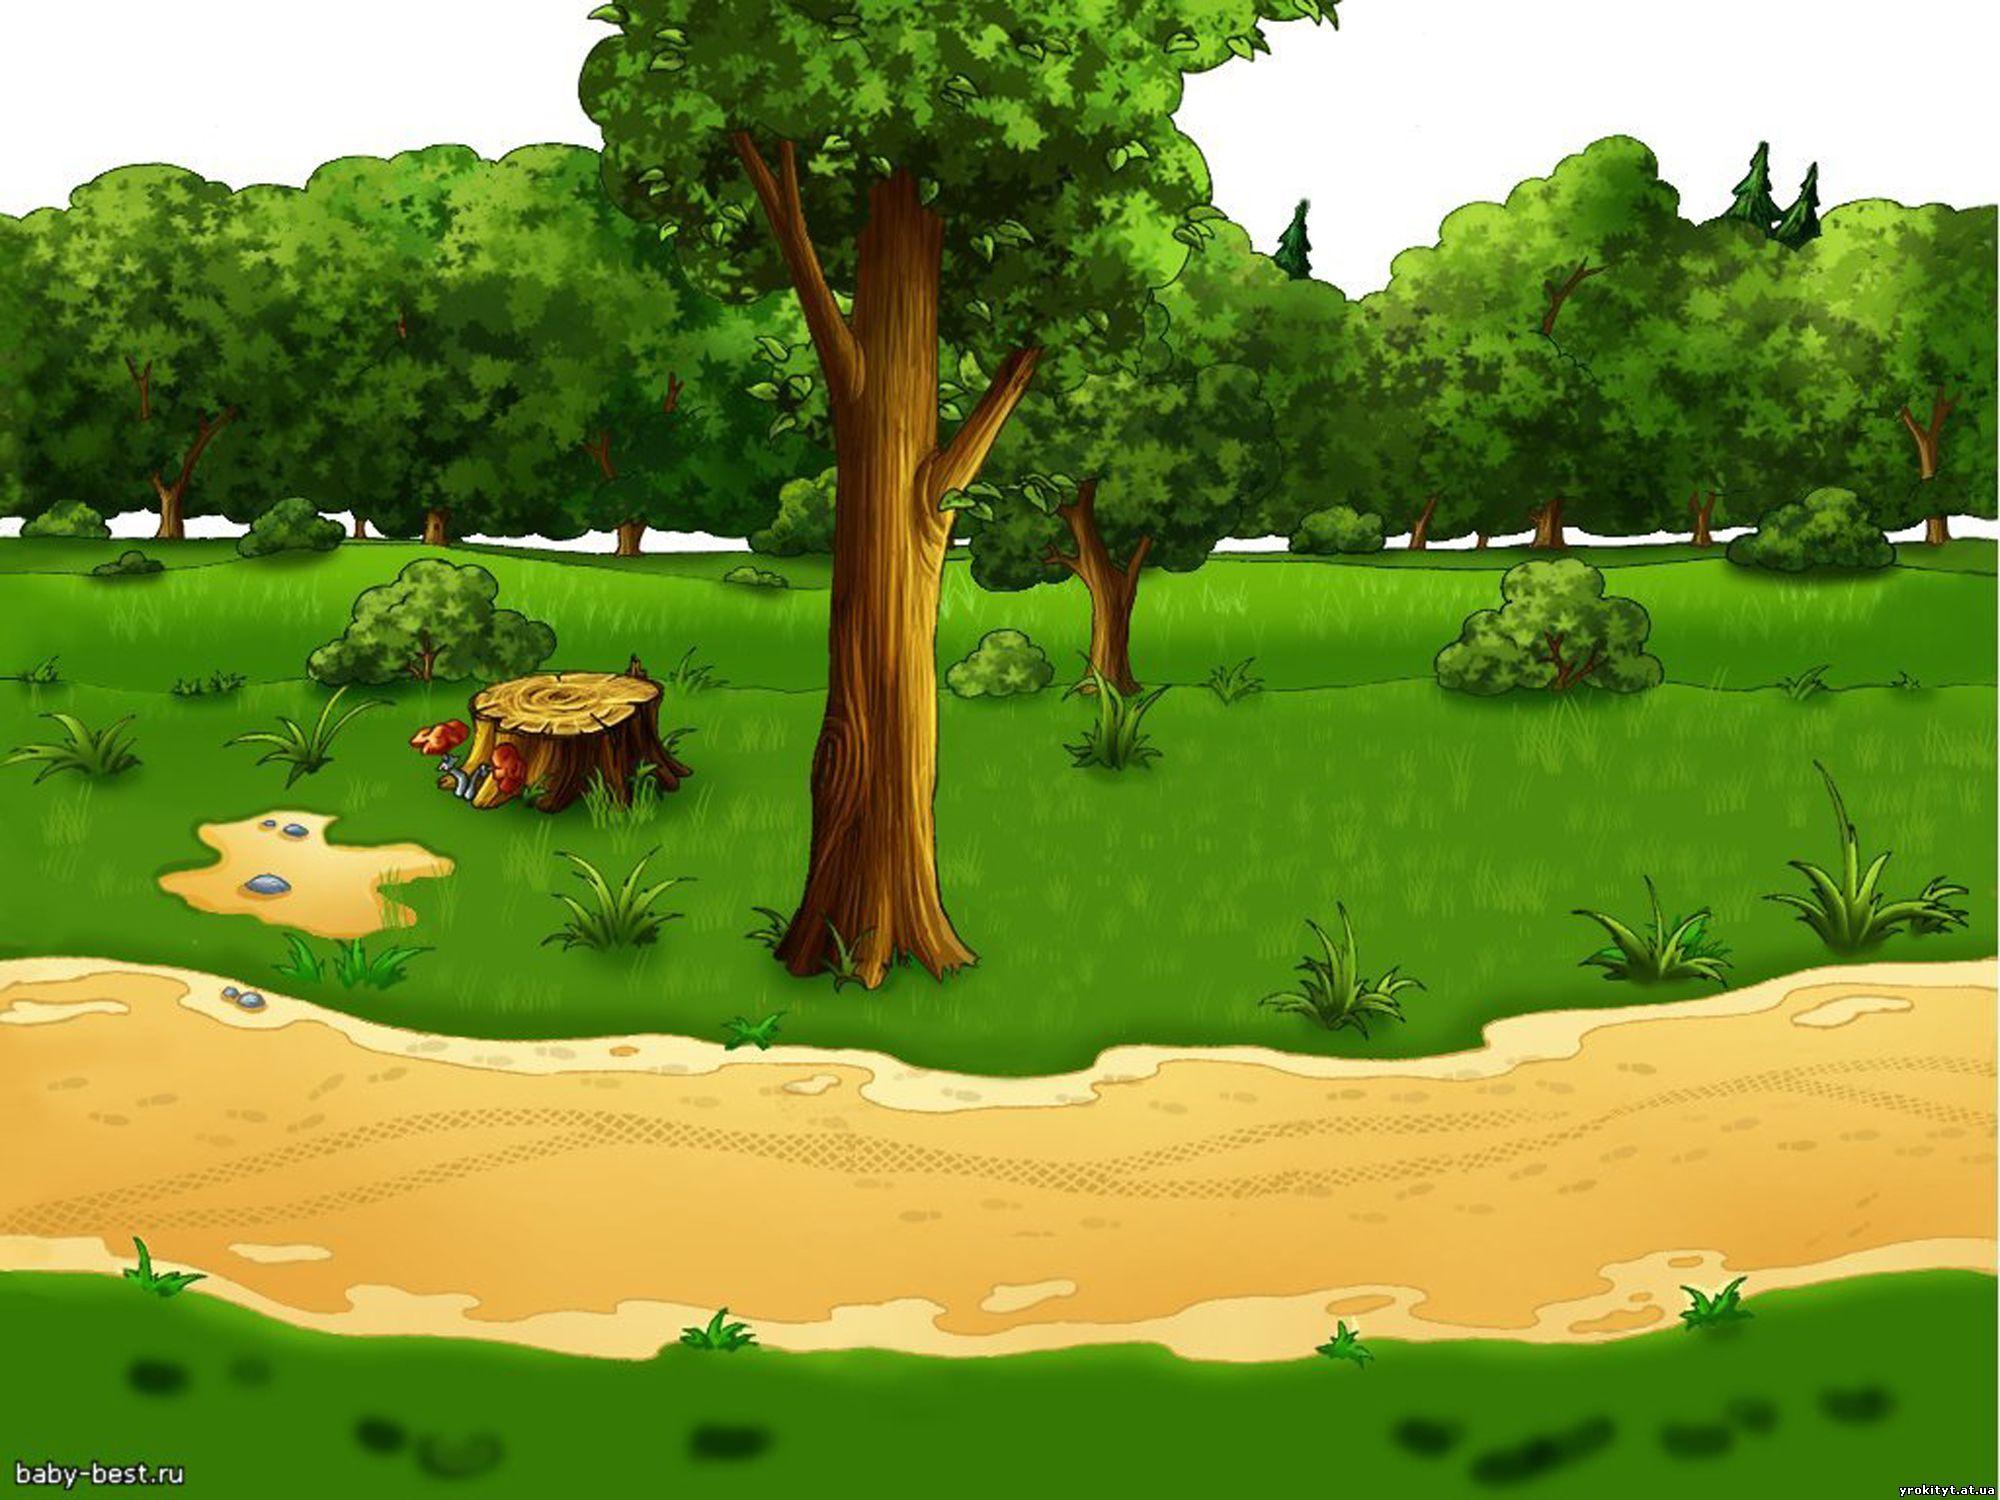 Картинки лесная поляна для детей на прозрачном фоне